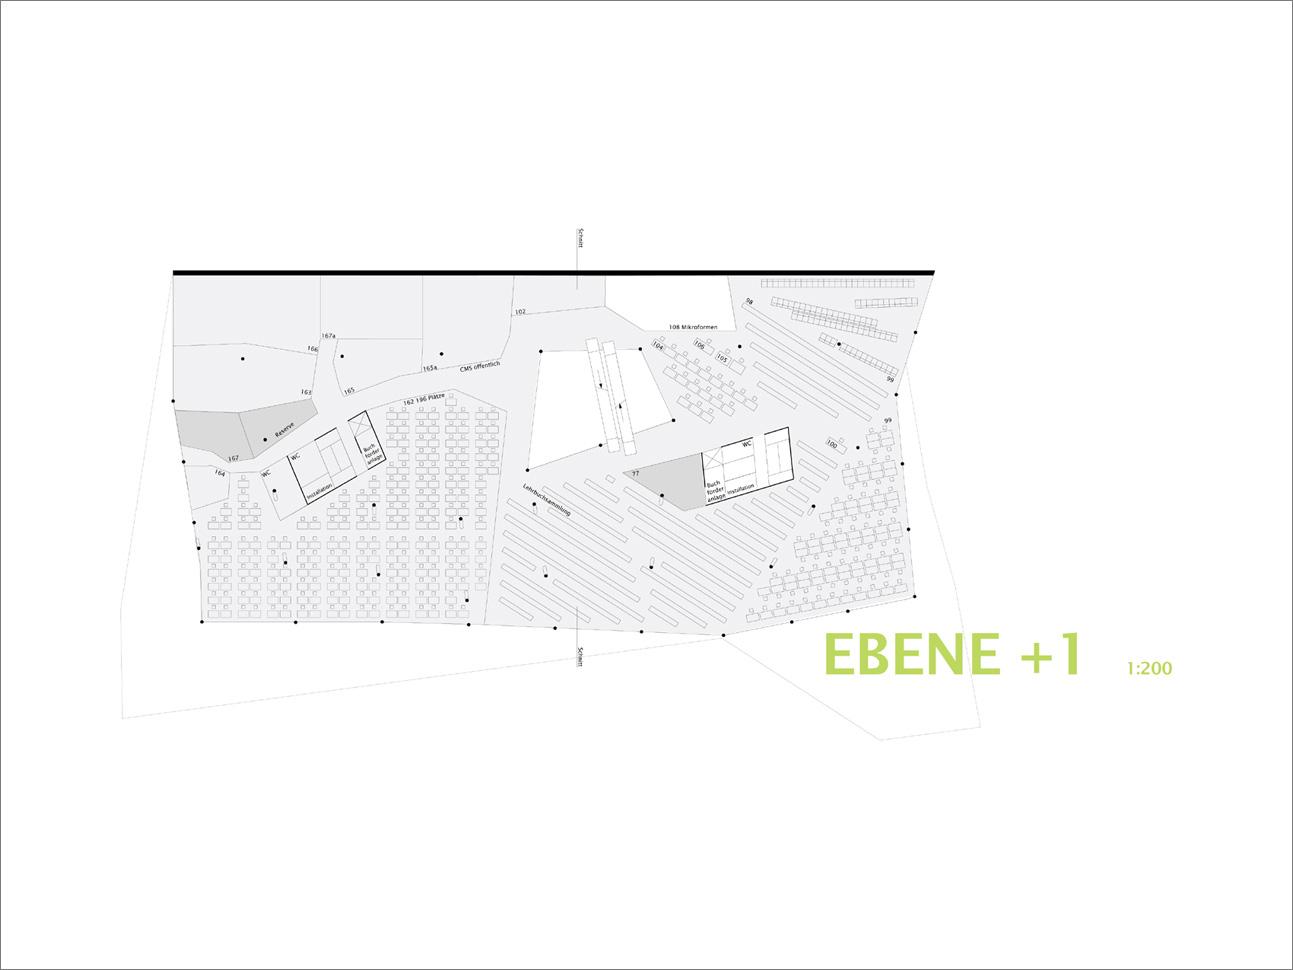 Ebene +1